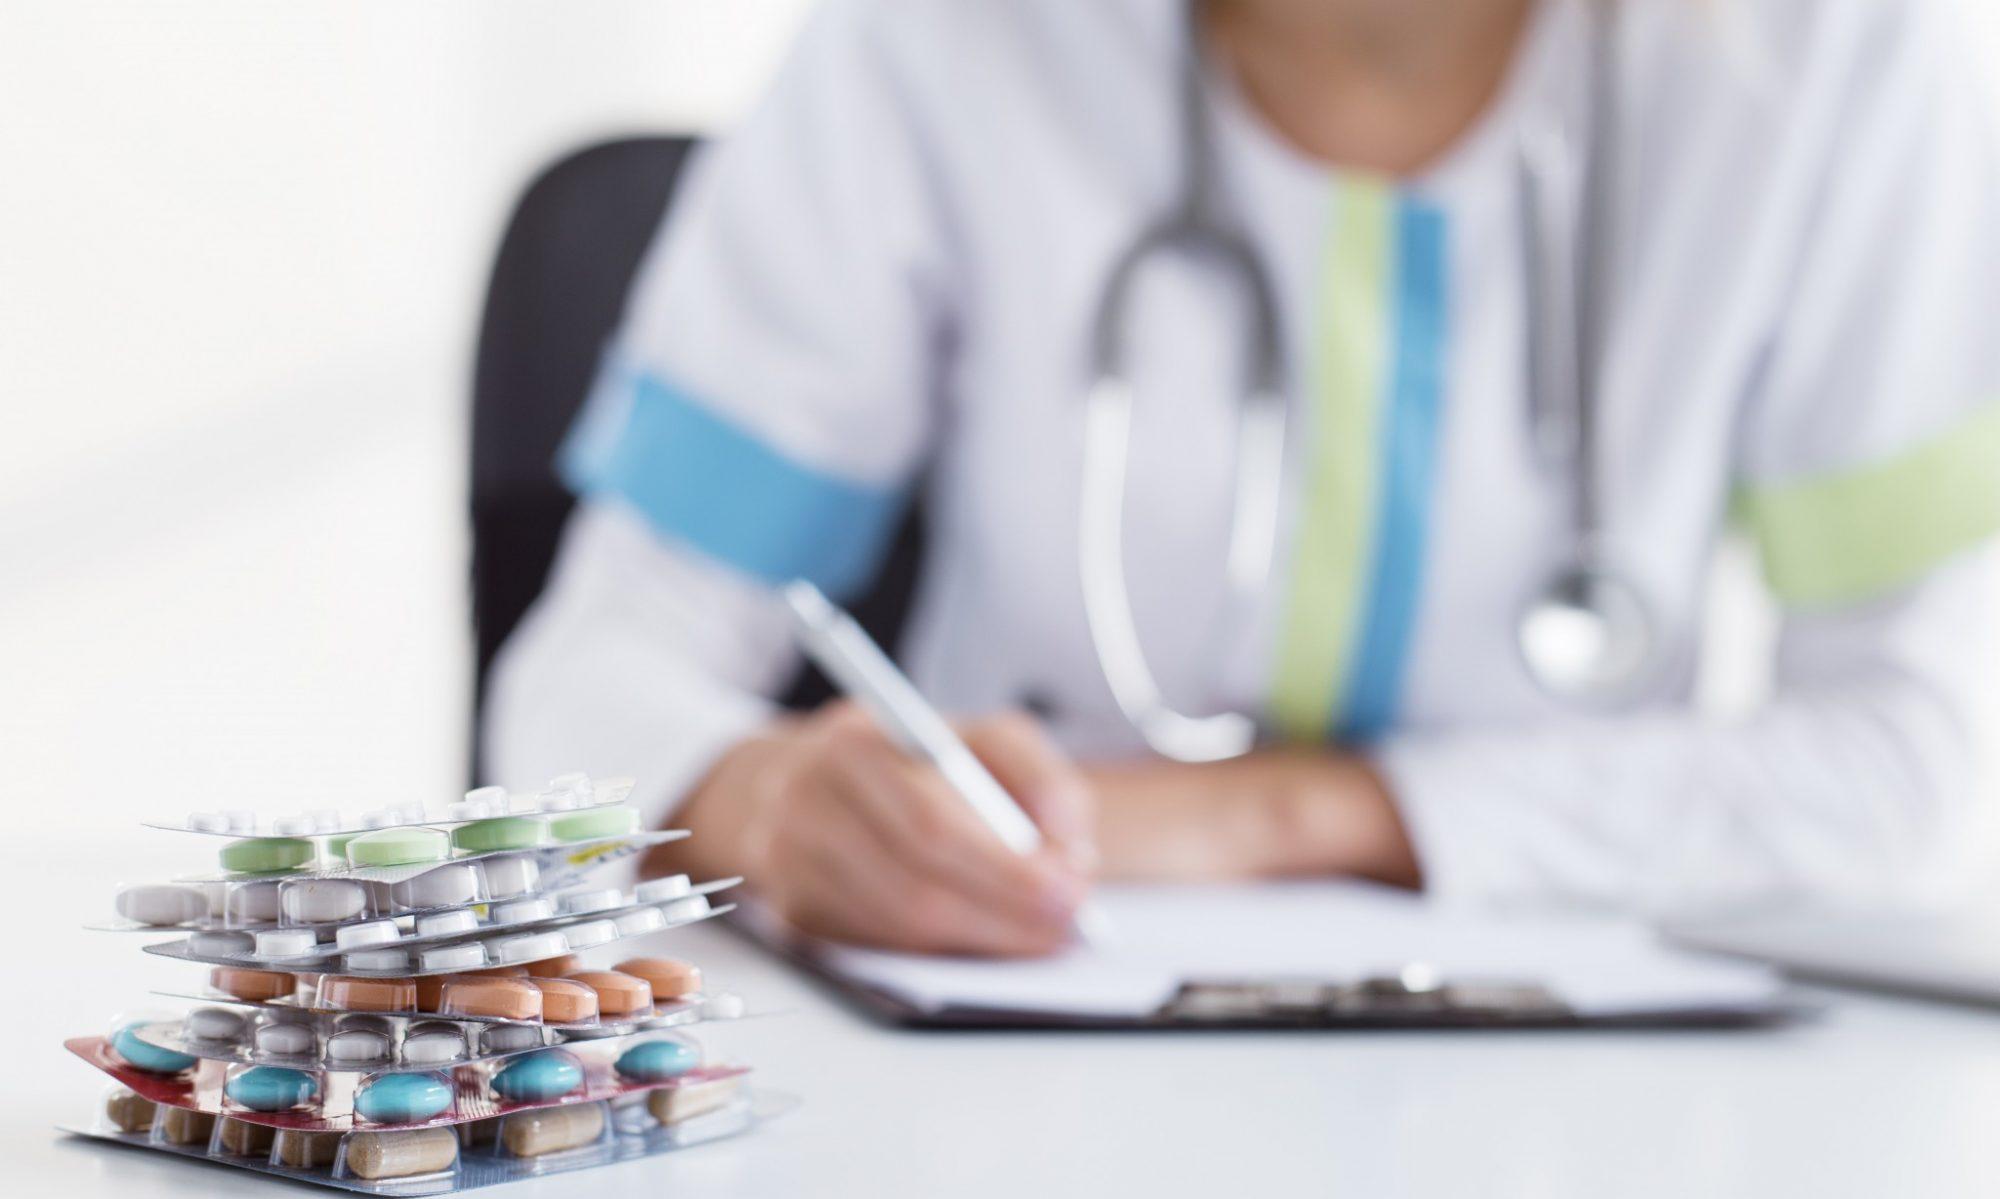 Uw medicatiebeoordeling